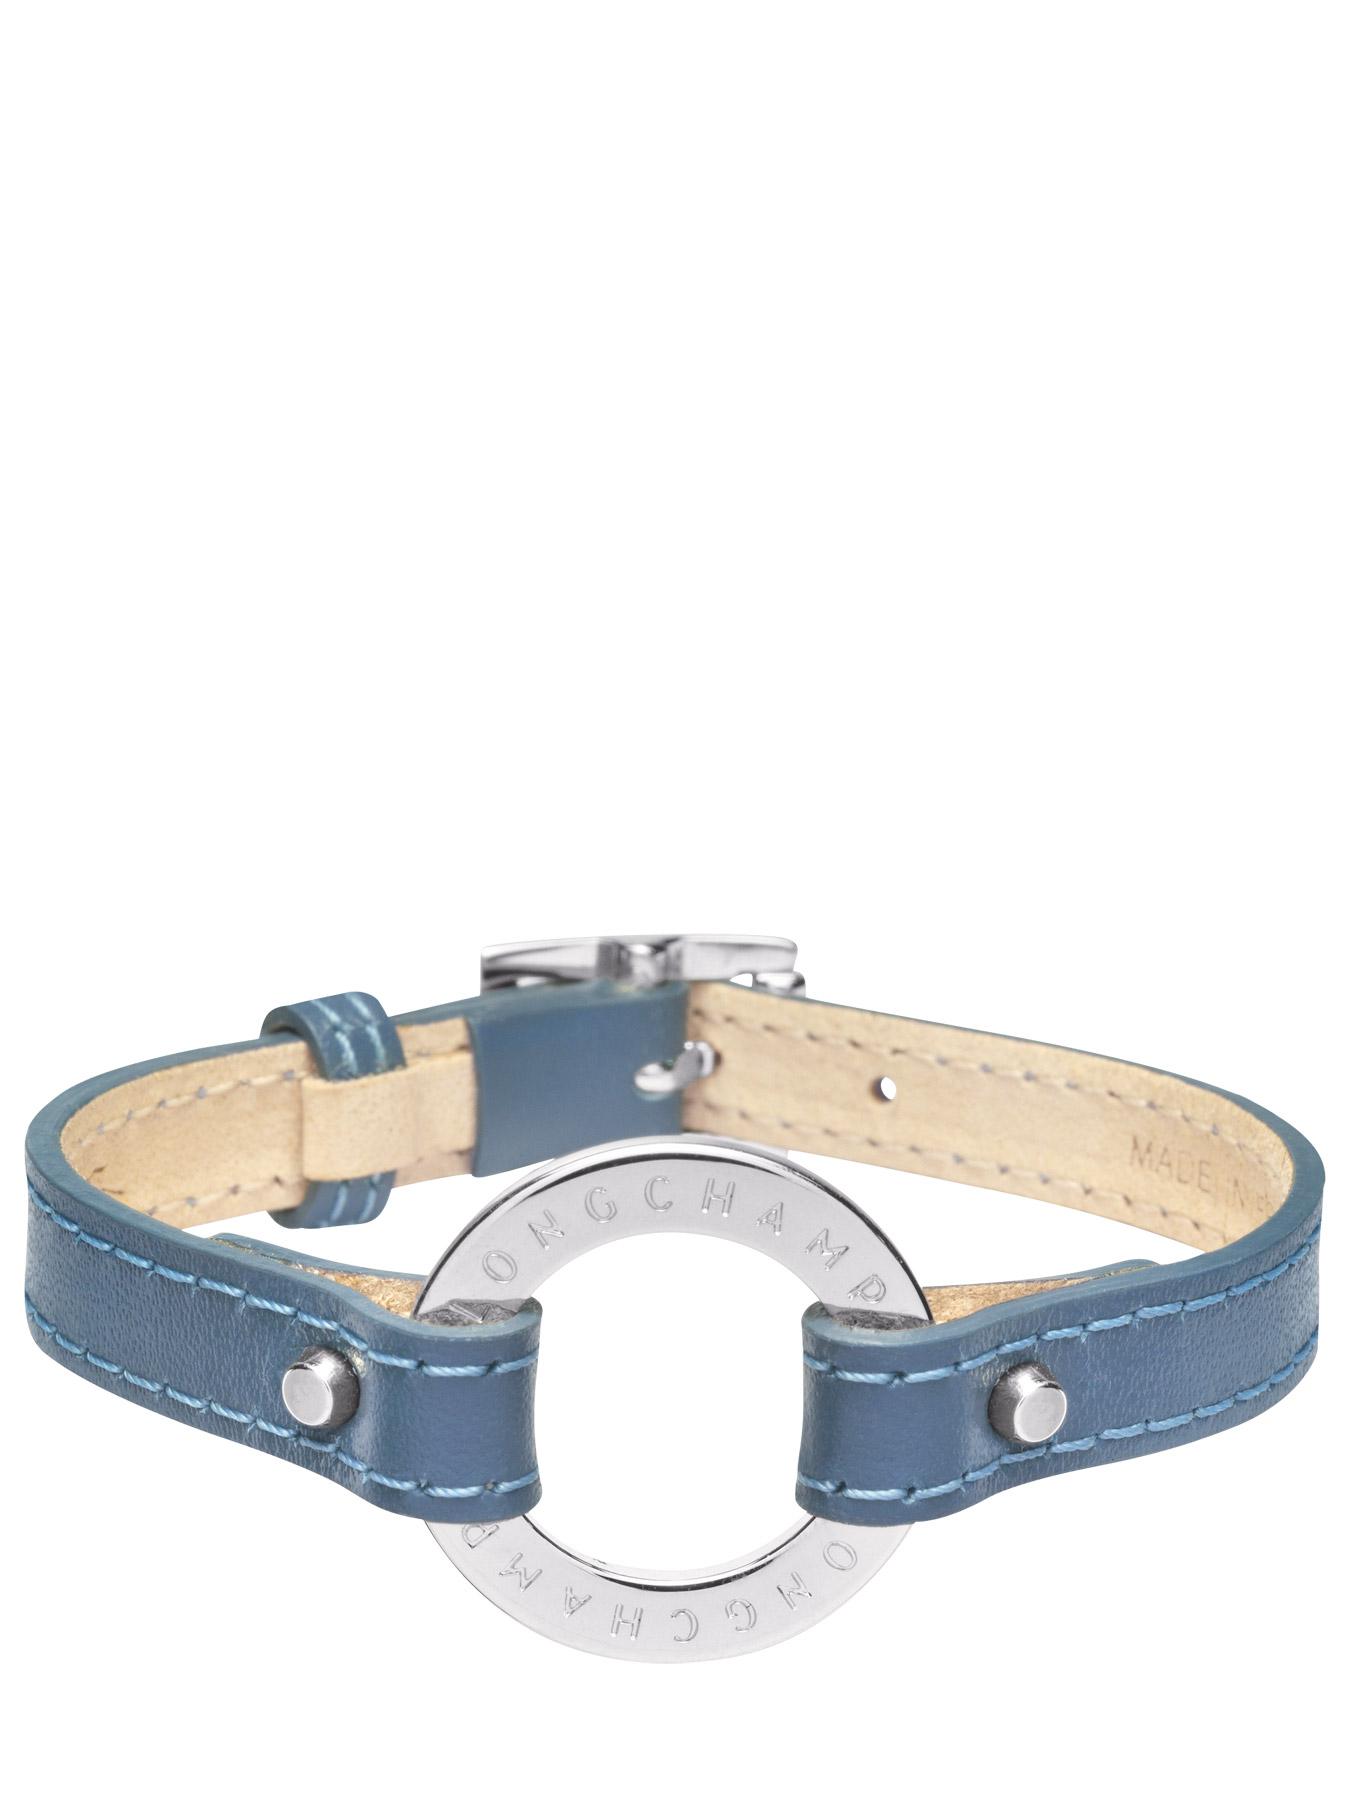 Vente bracelet cuir femme longchamp Gatorade Daim Vert Pas Chers Livraison  gratuite, Basket de trs haute qualit. - homemedical.fr faac5b04df2